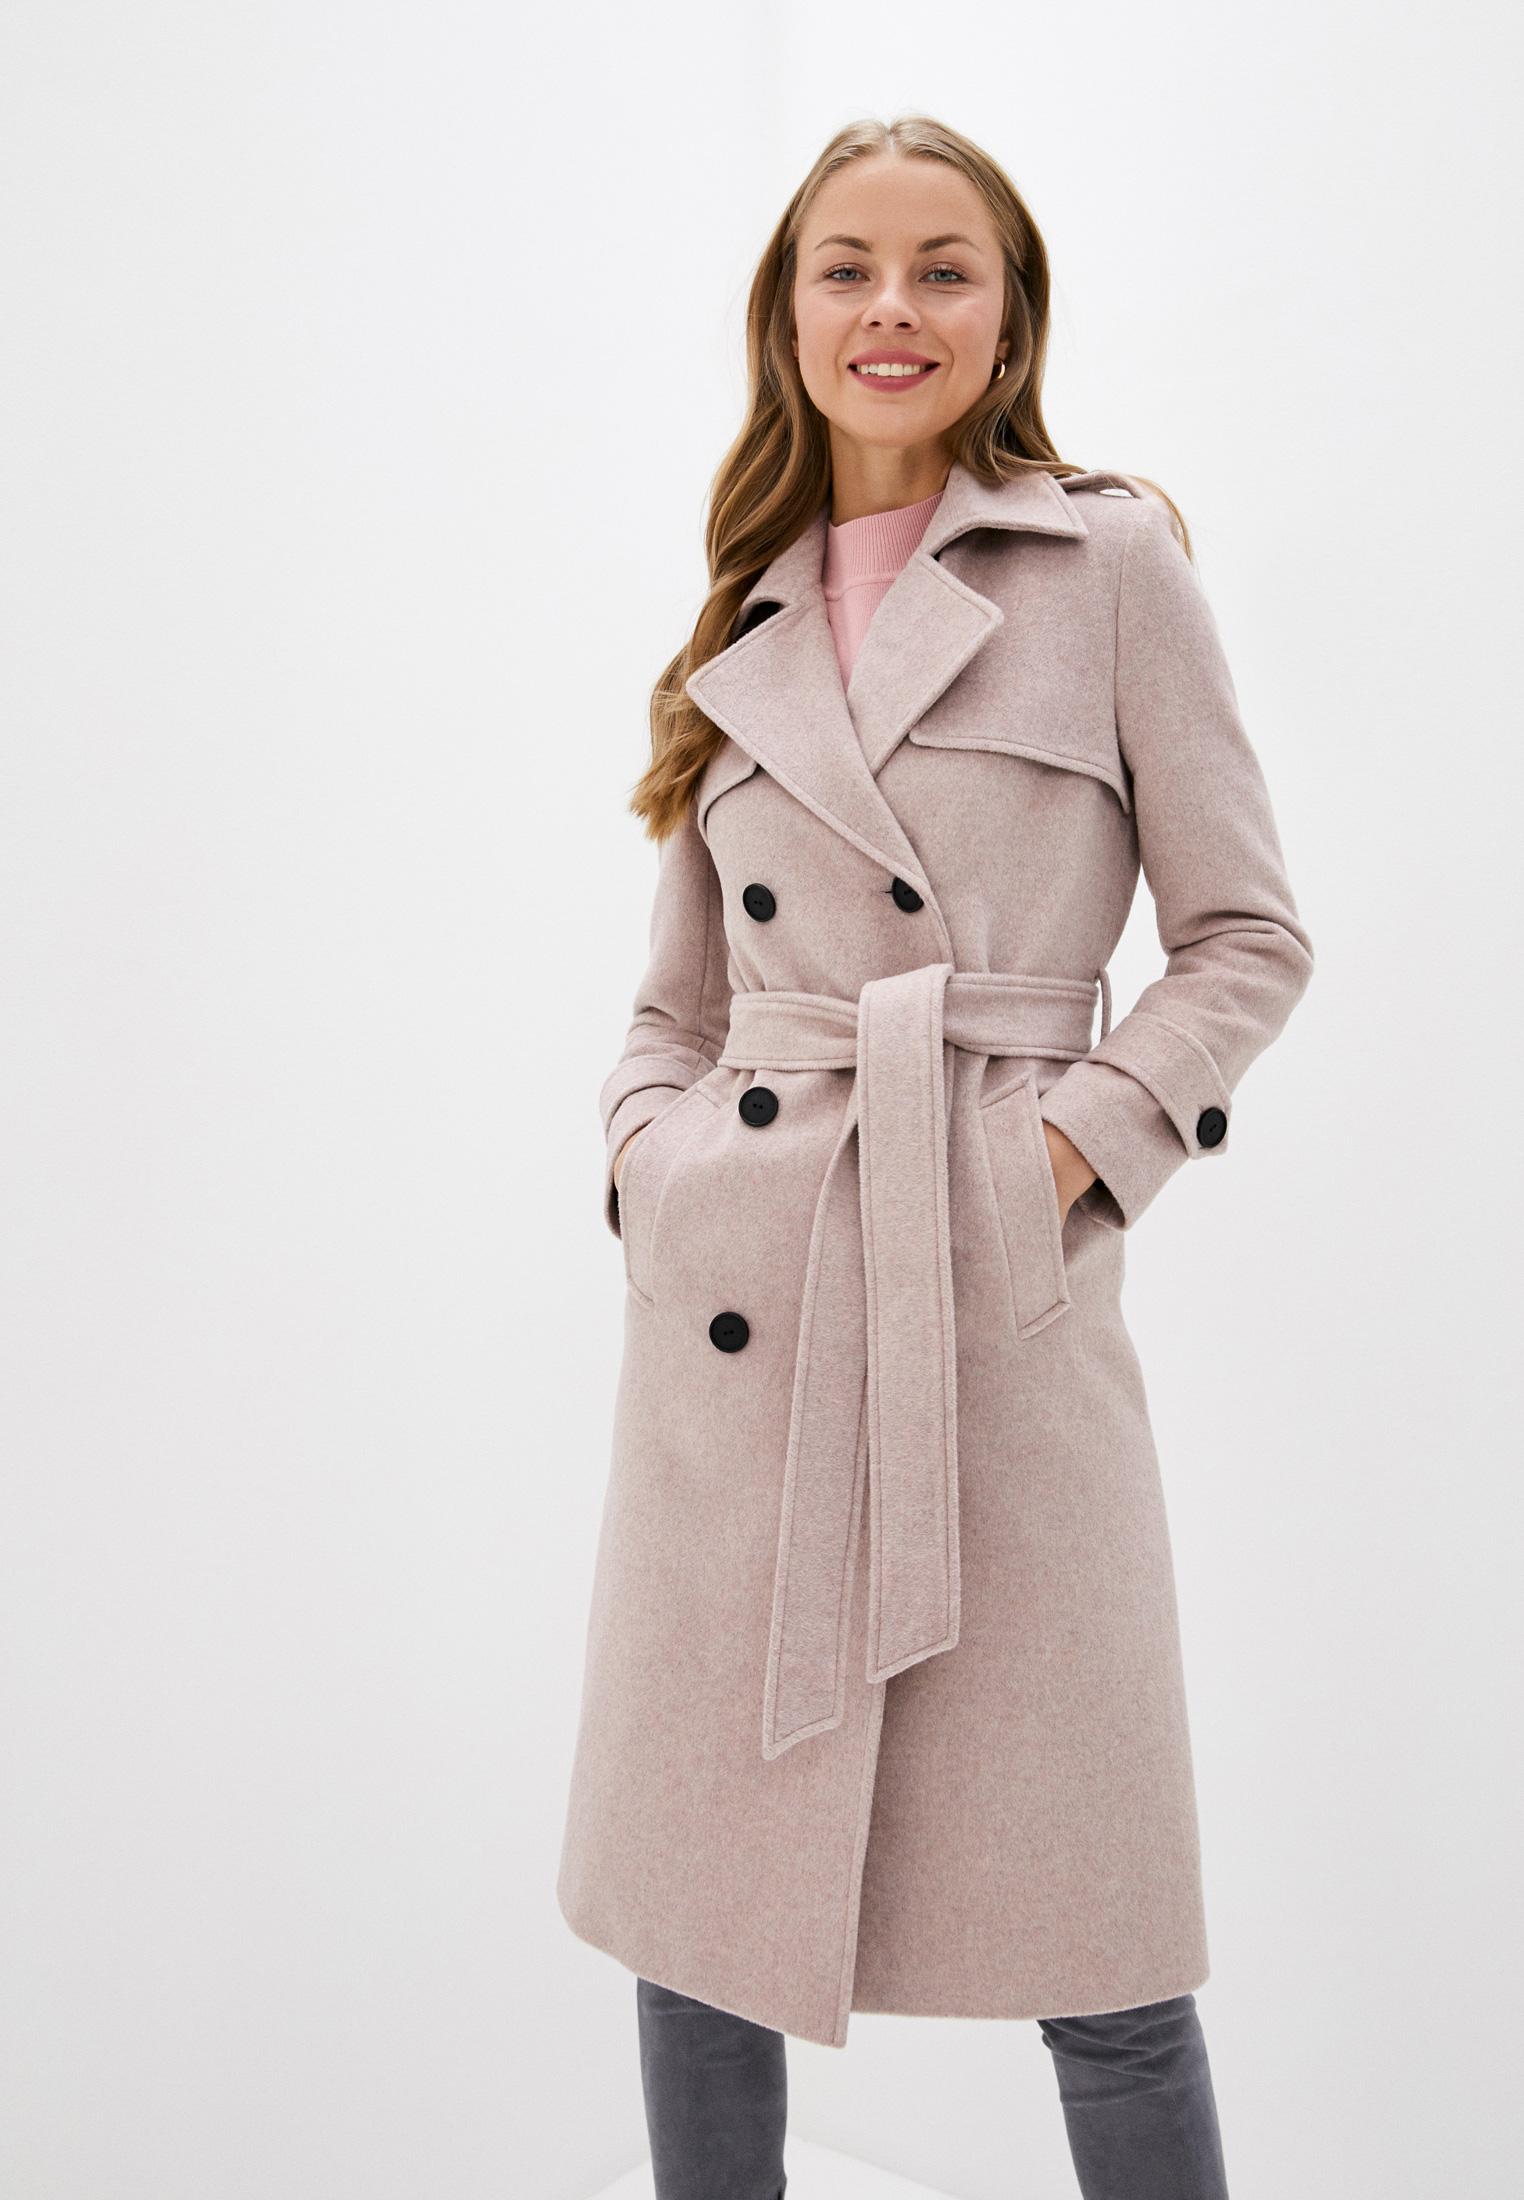 частности, усвоить фото тонкое осеннее пальто оголяющие